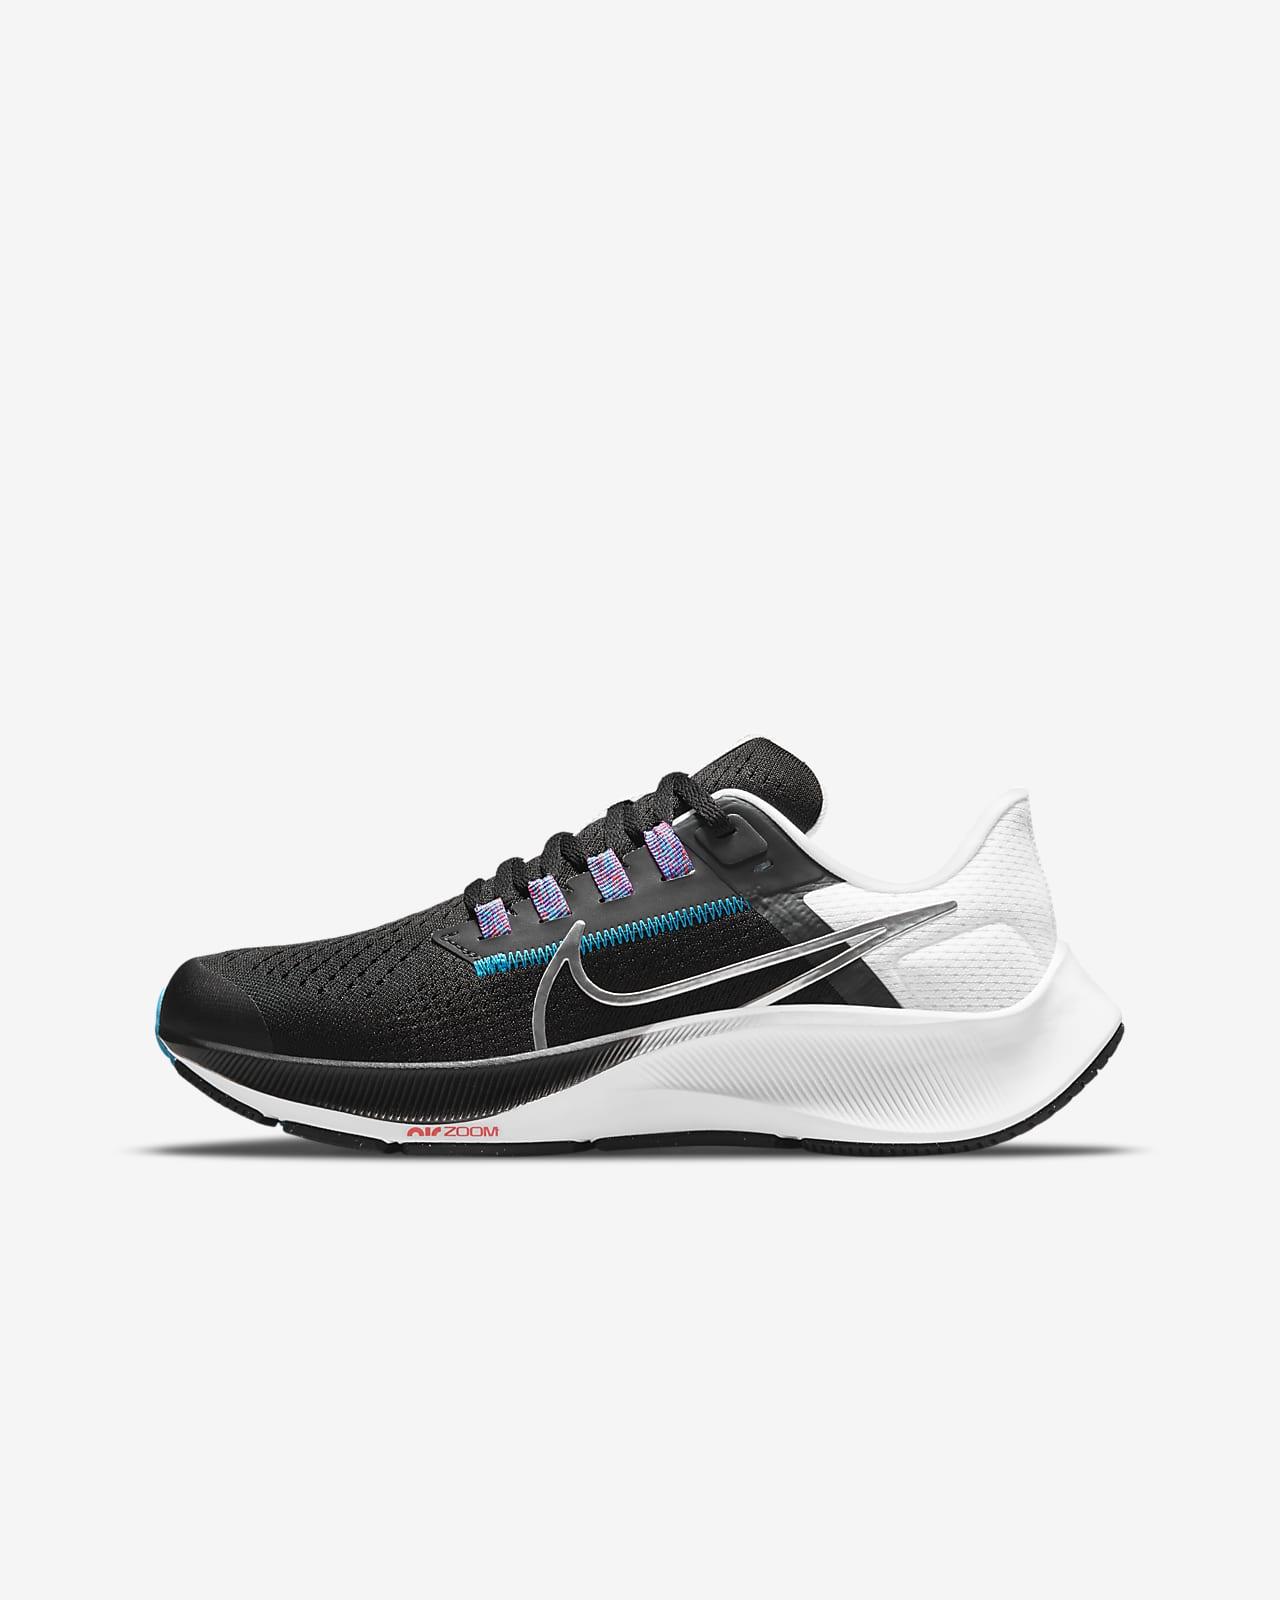 Běžecká bota Nike Air Zoom Pegasus38 pro malé avětší děti